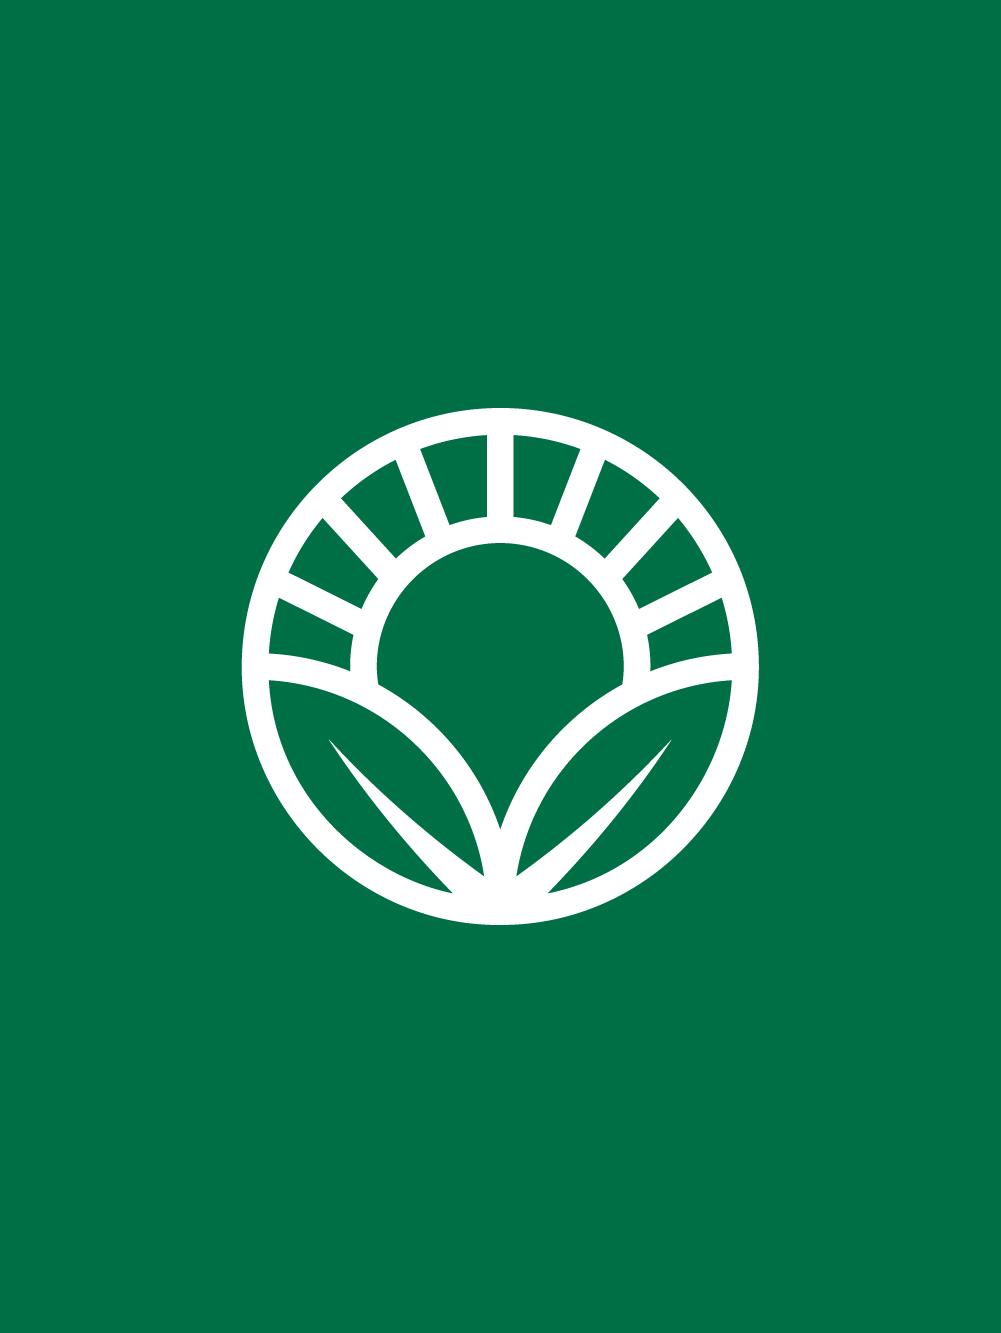 Letca Simbol-02